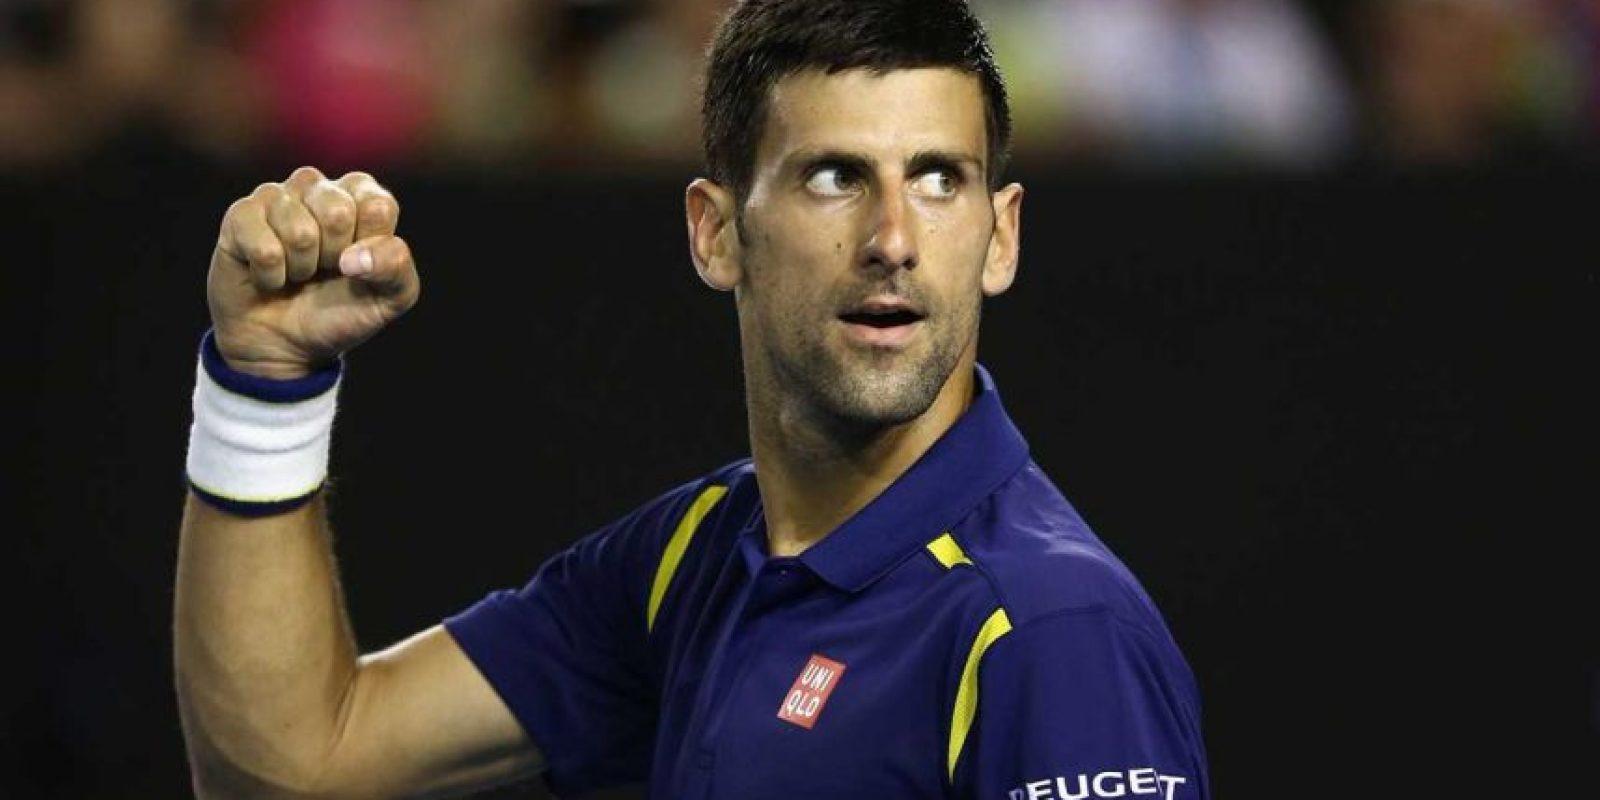 """Novak Djokovic: """"Los Juegos del Hambre"""" de Suzanne Collins. Foto:Getty Images"""